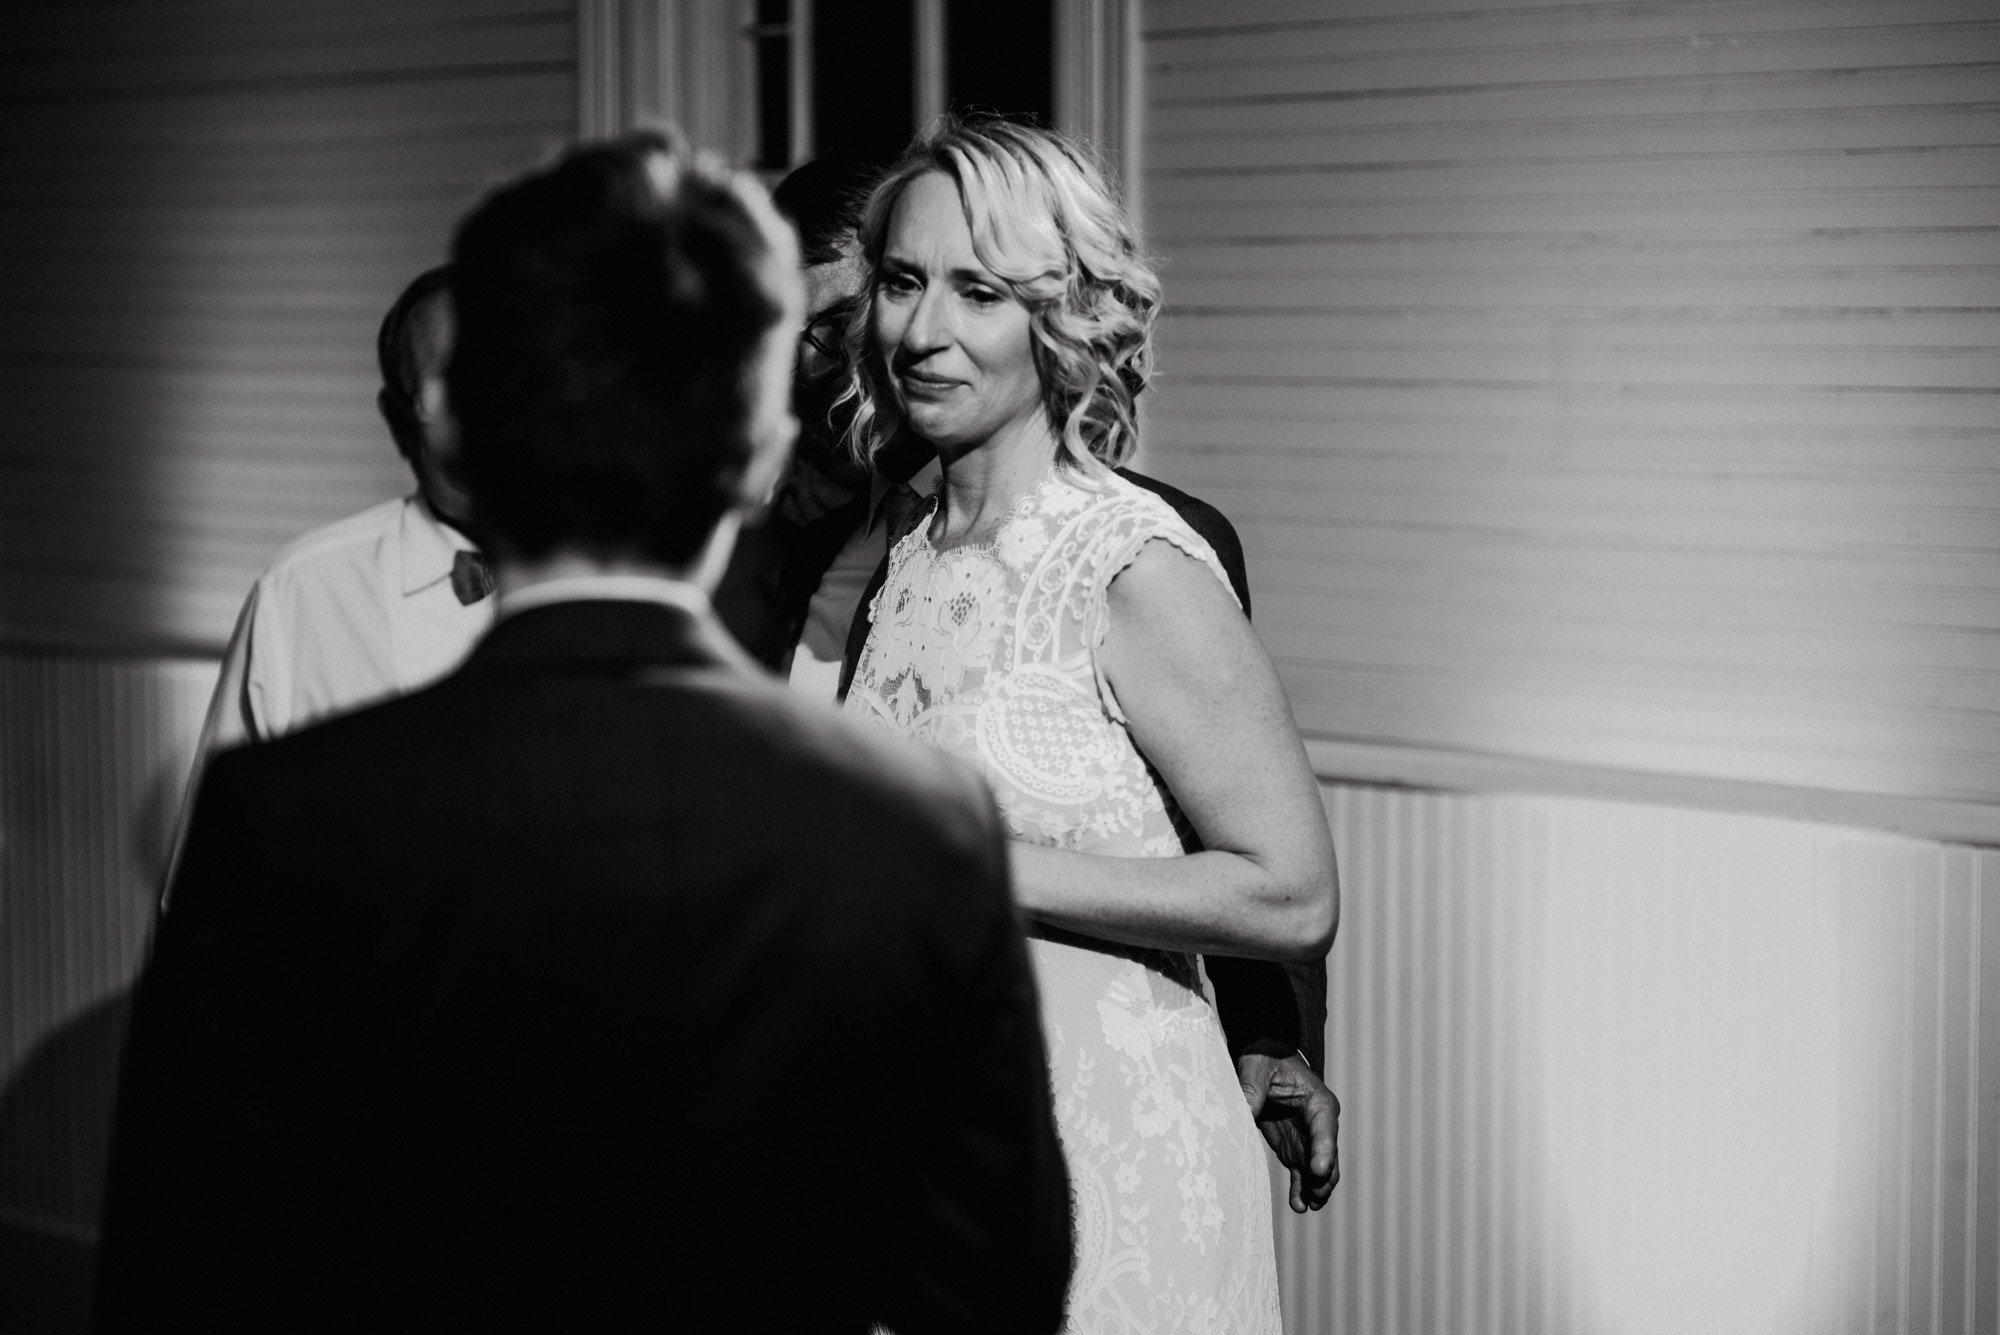 austin wedding photographer, emotional toast photographs in black and white, emotional wedding photographs, photojournalistic wedding photography in austin, austin wedding photography